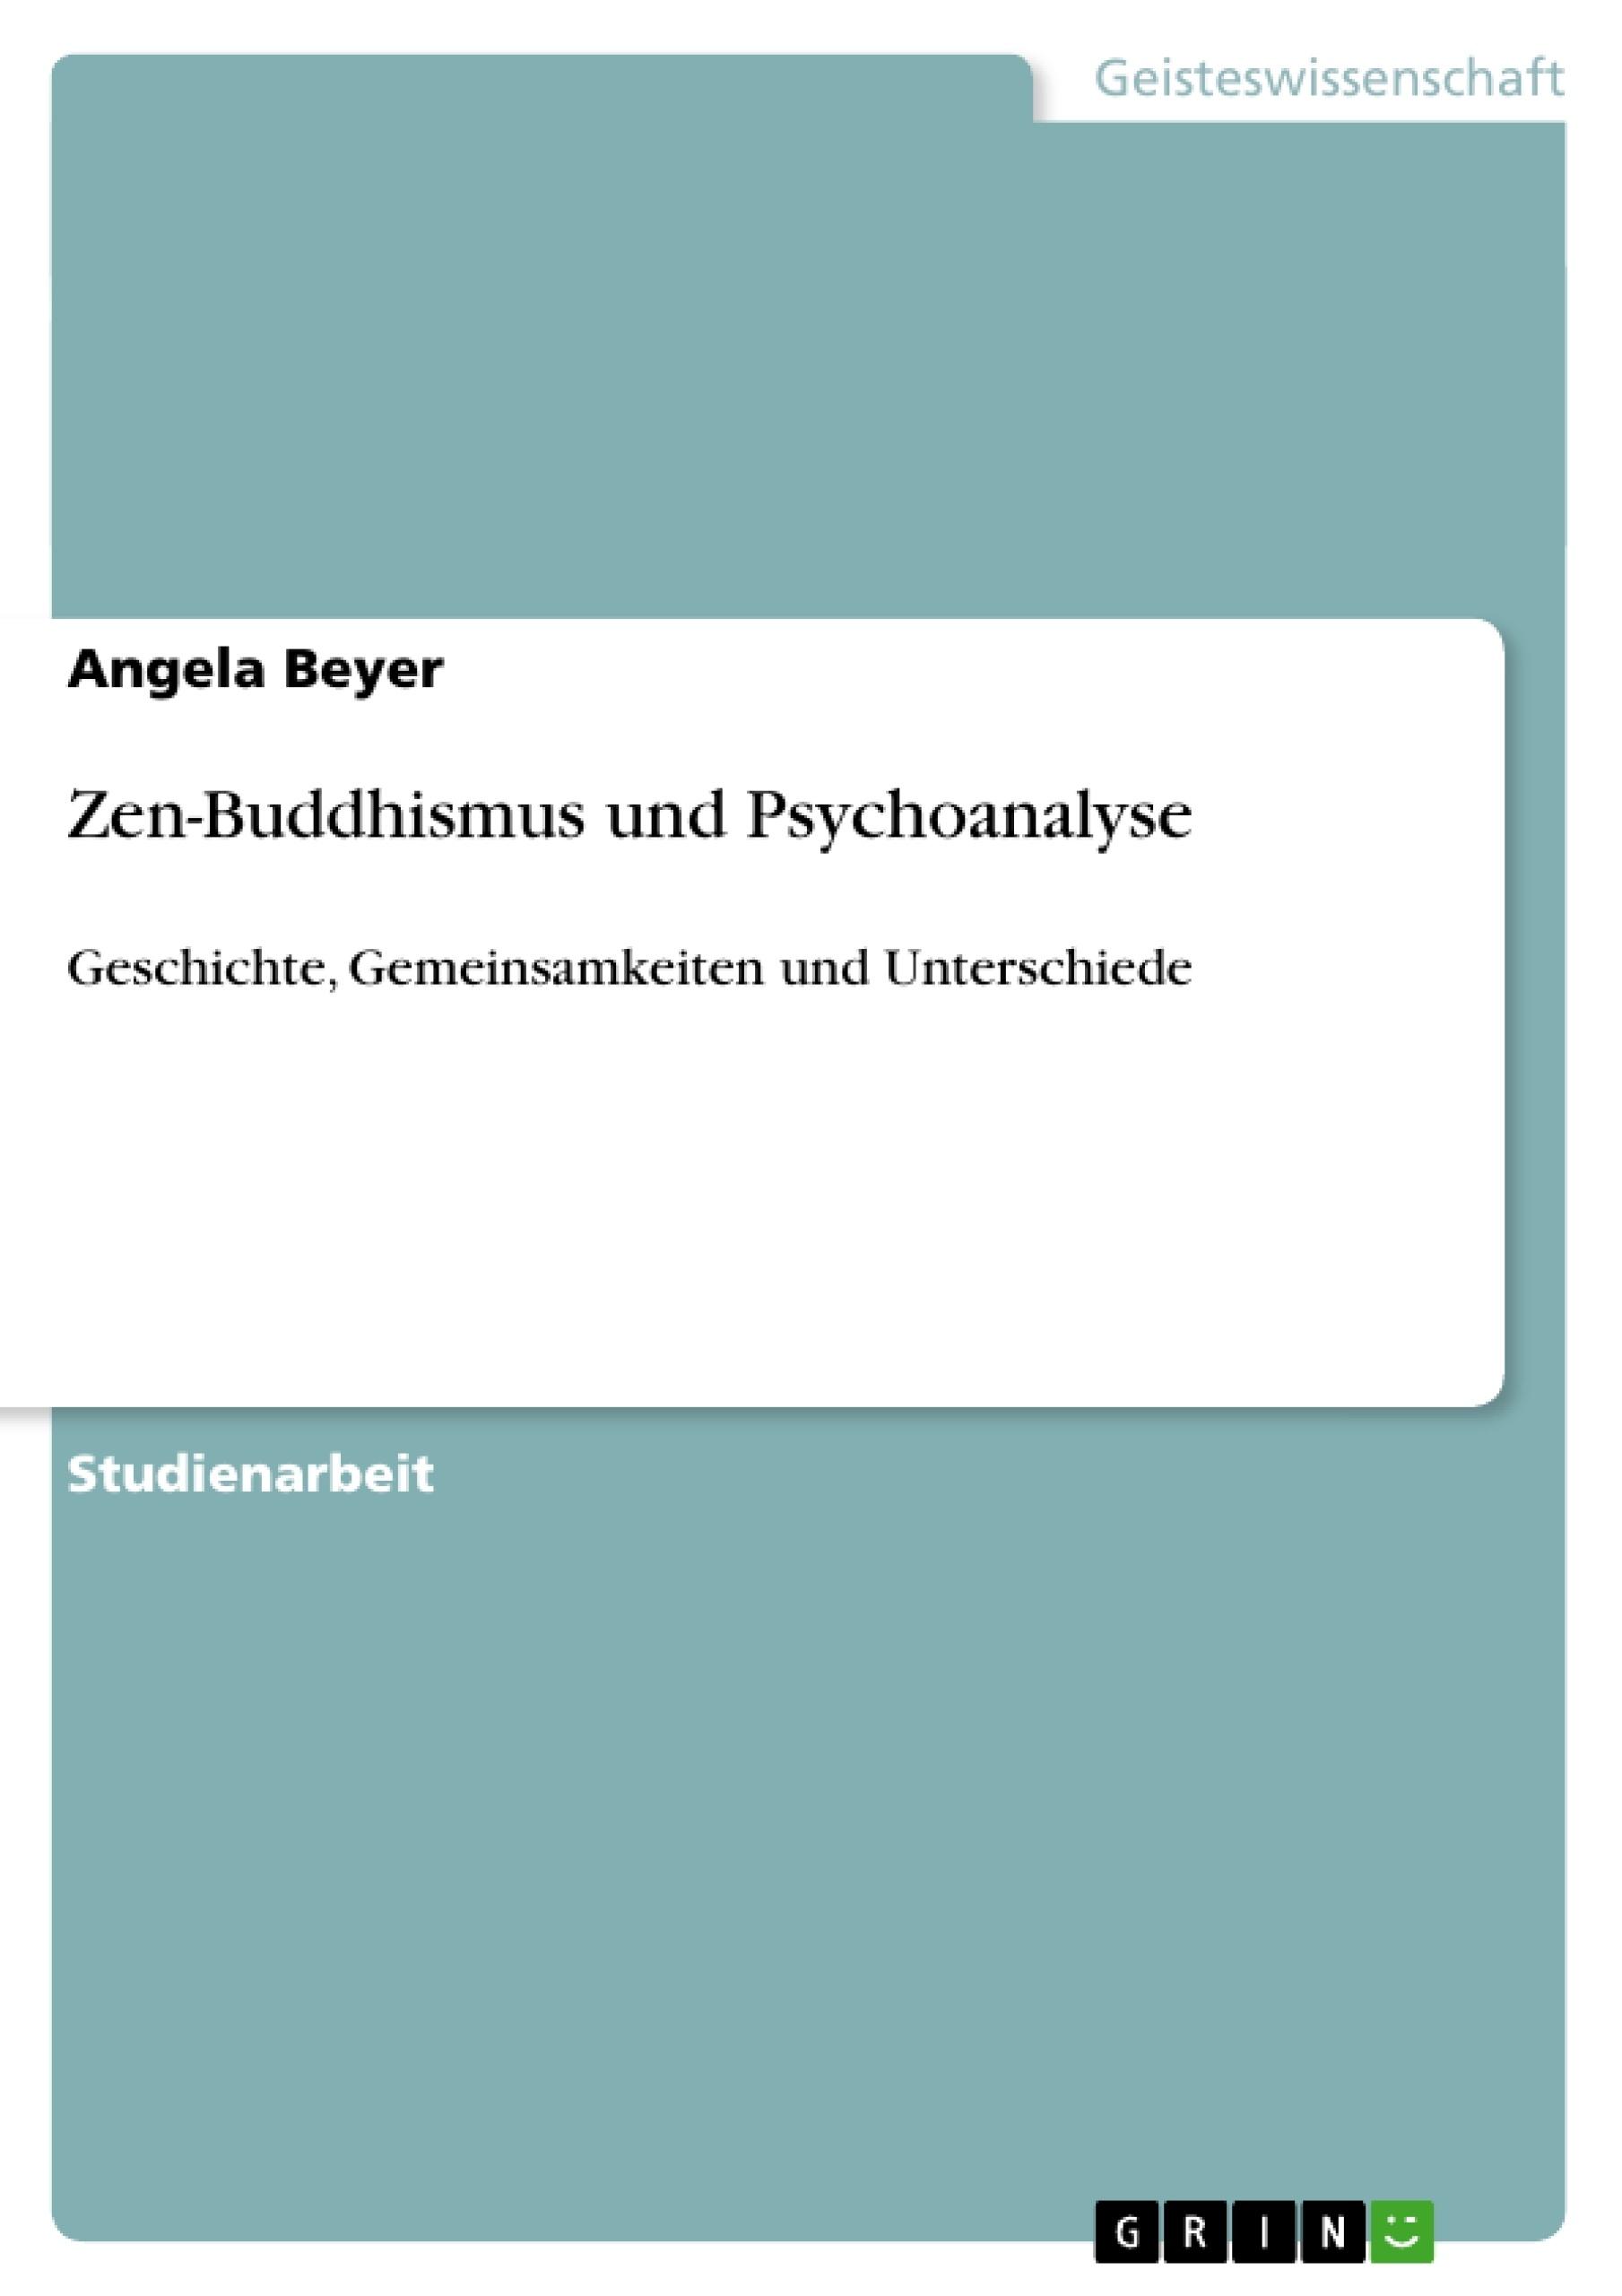 Titel: Zen-Buddhismus und Psychoanalyse